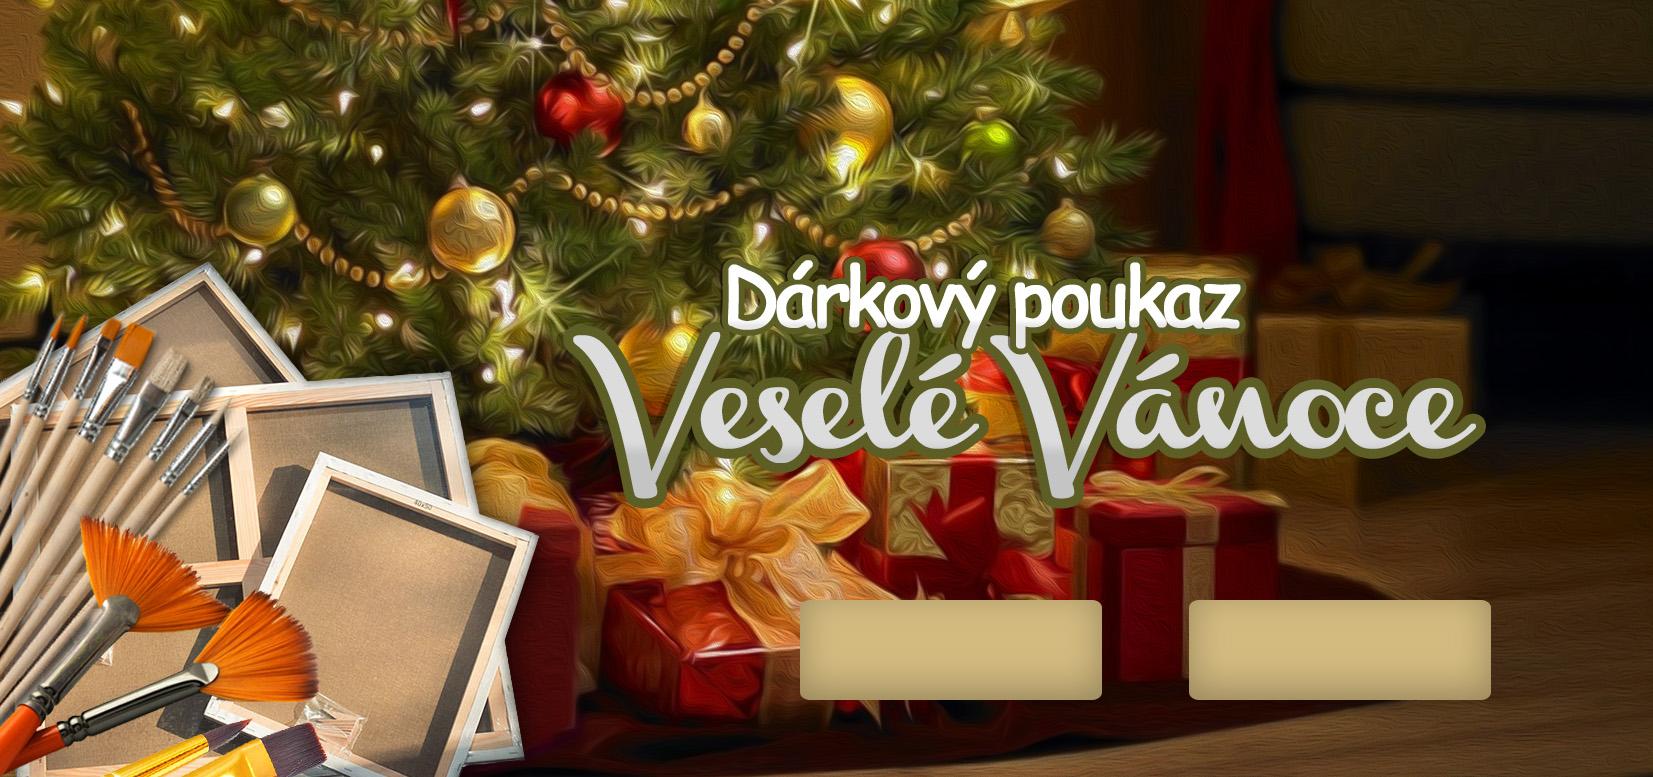 Image of Dárkový POUKAZ - Veselé Vánoce 2